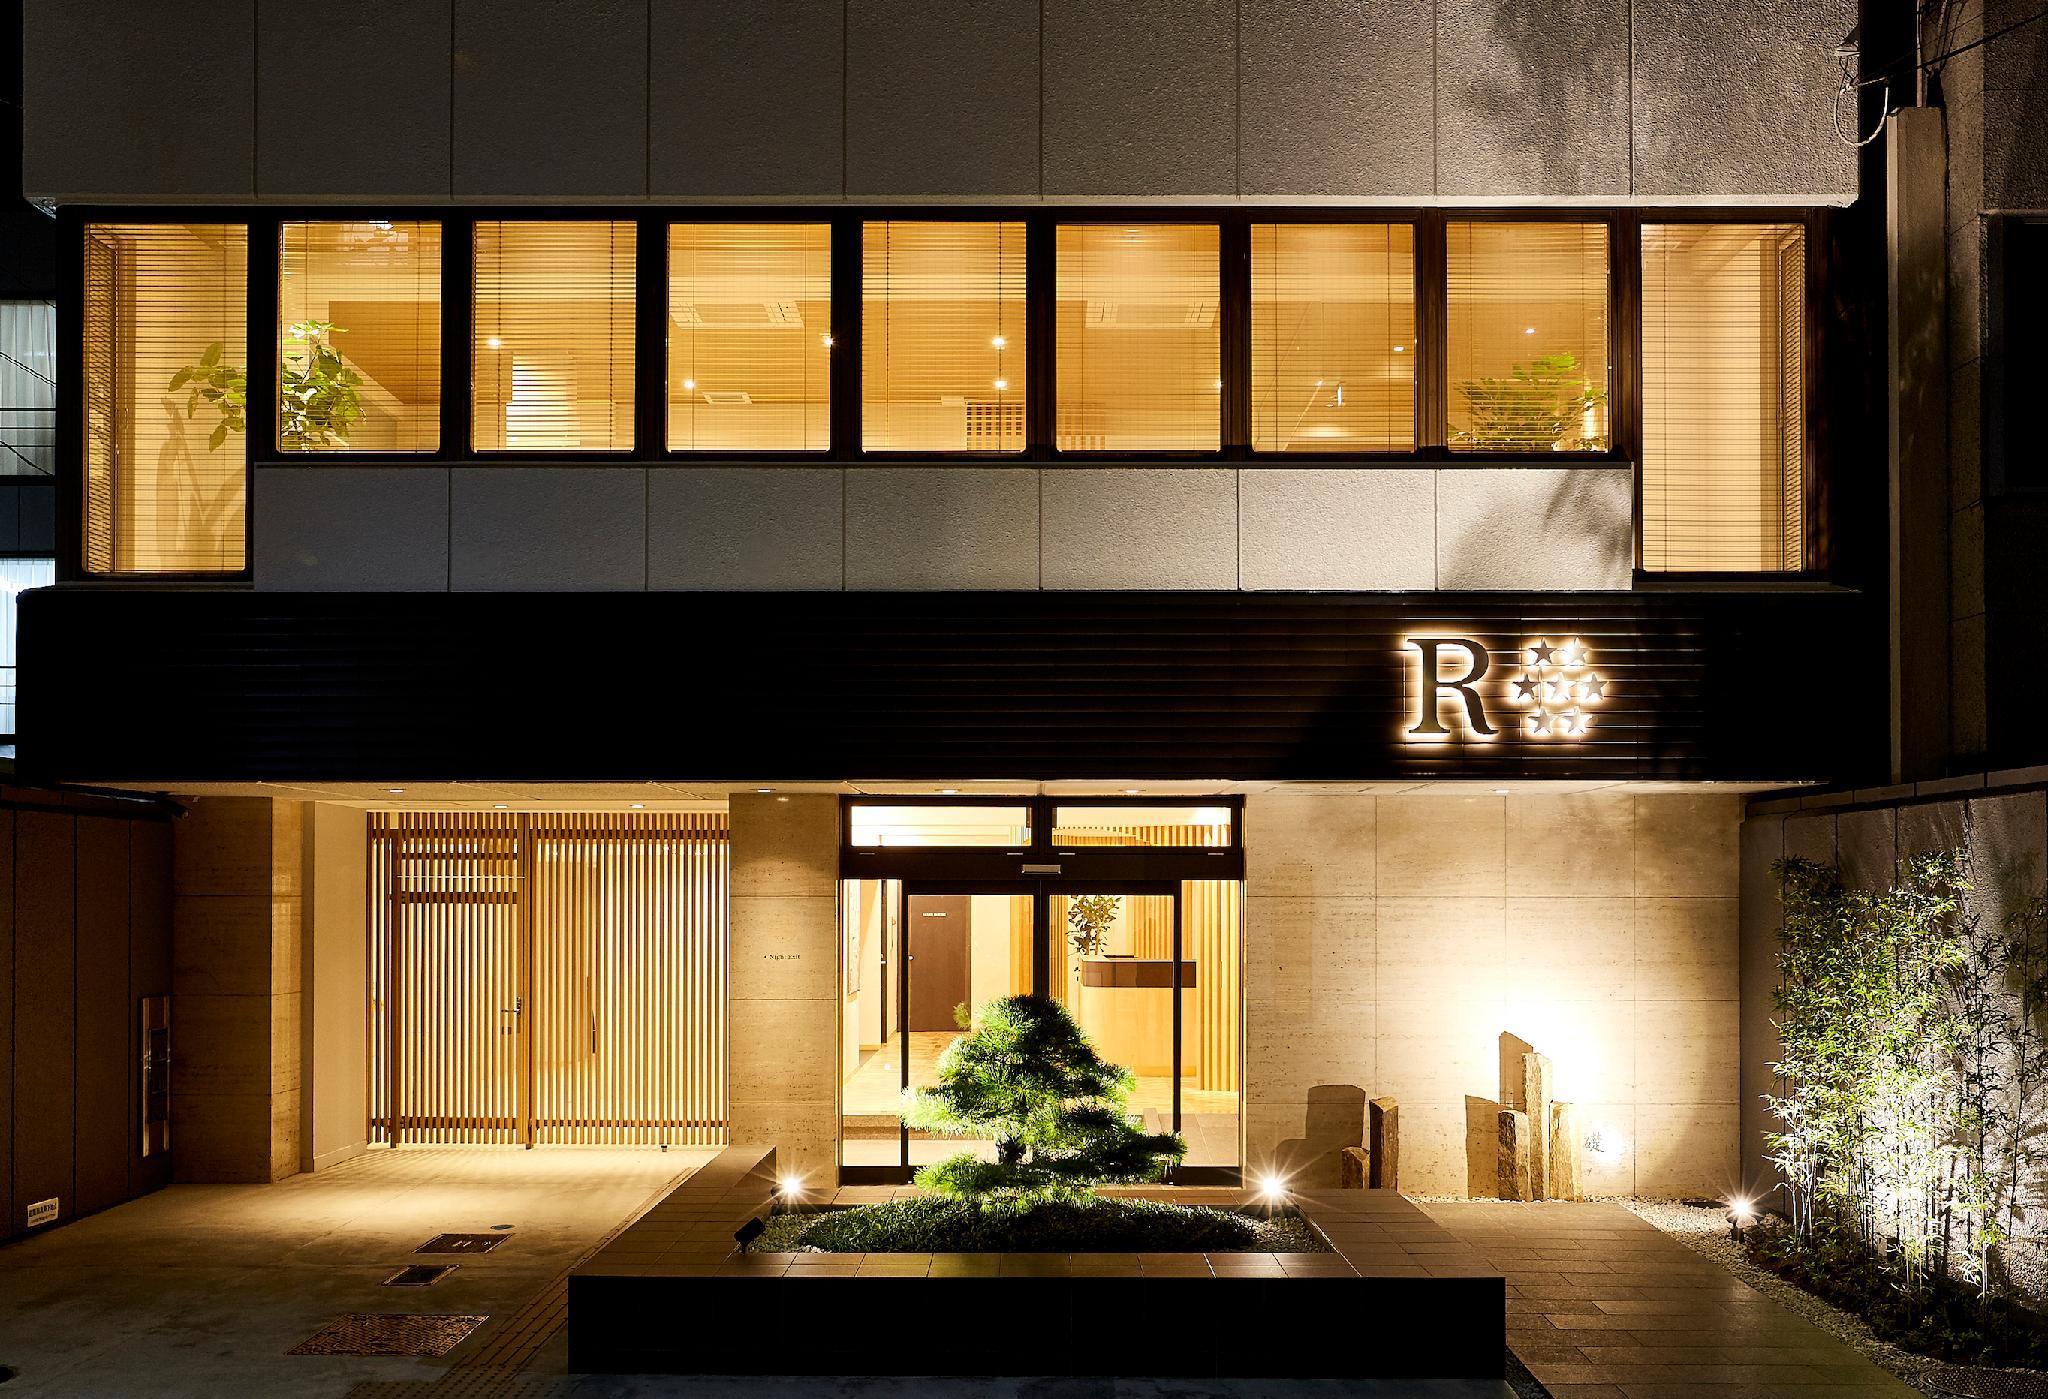 โรงแรมอาร์ สตาร์ เกียวโต ญี่ปุ่น